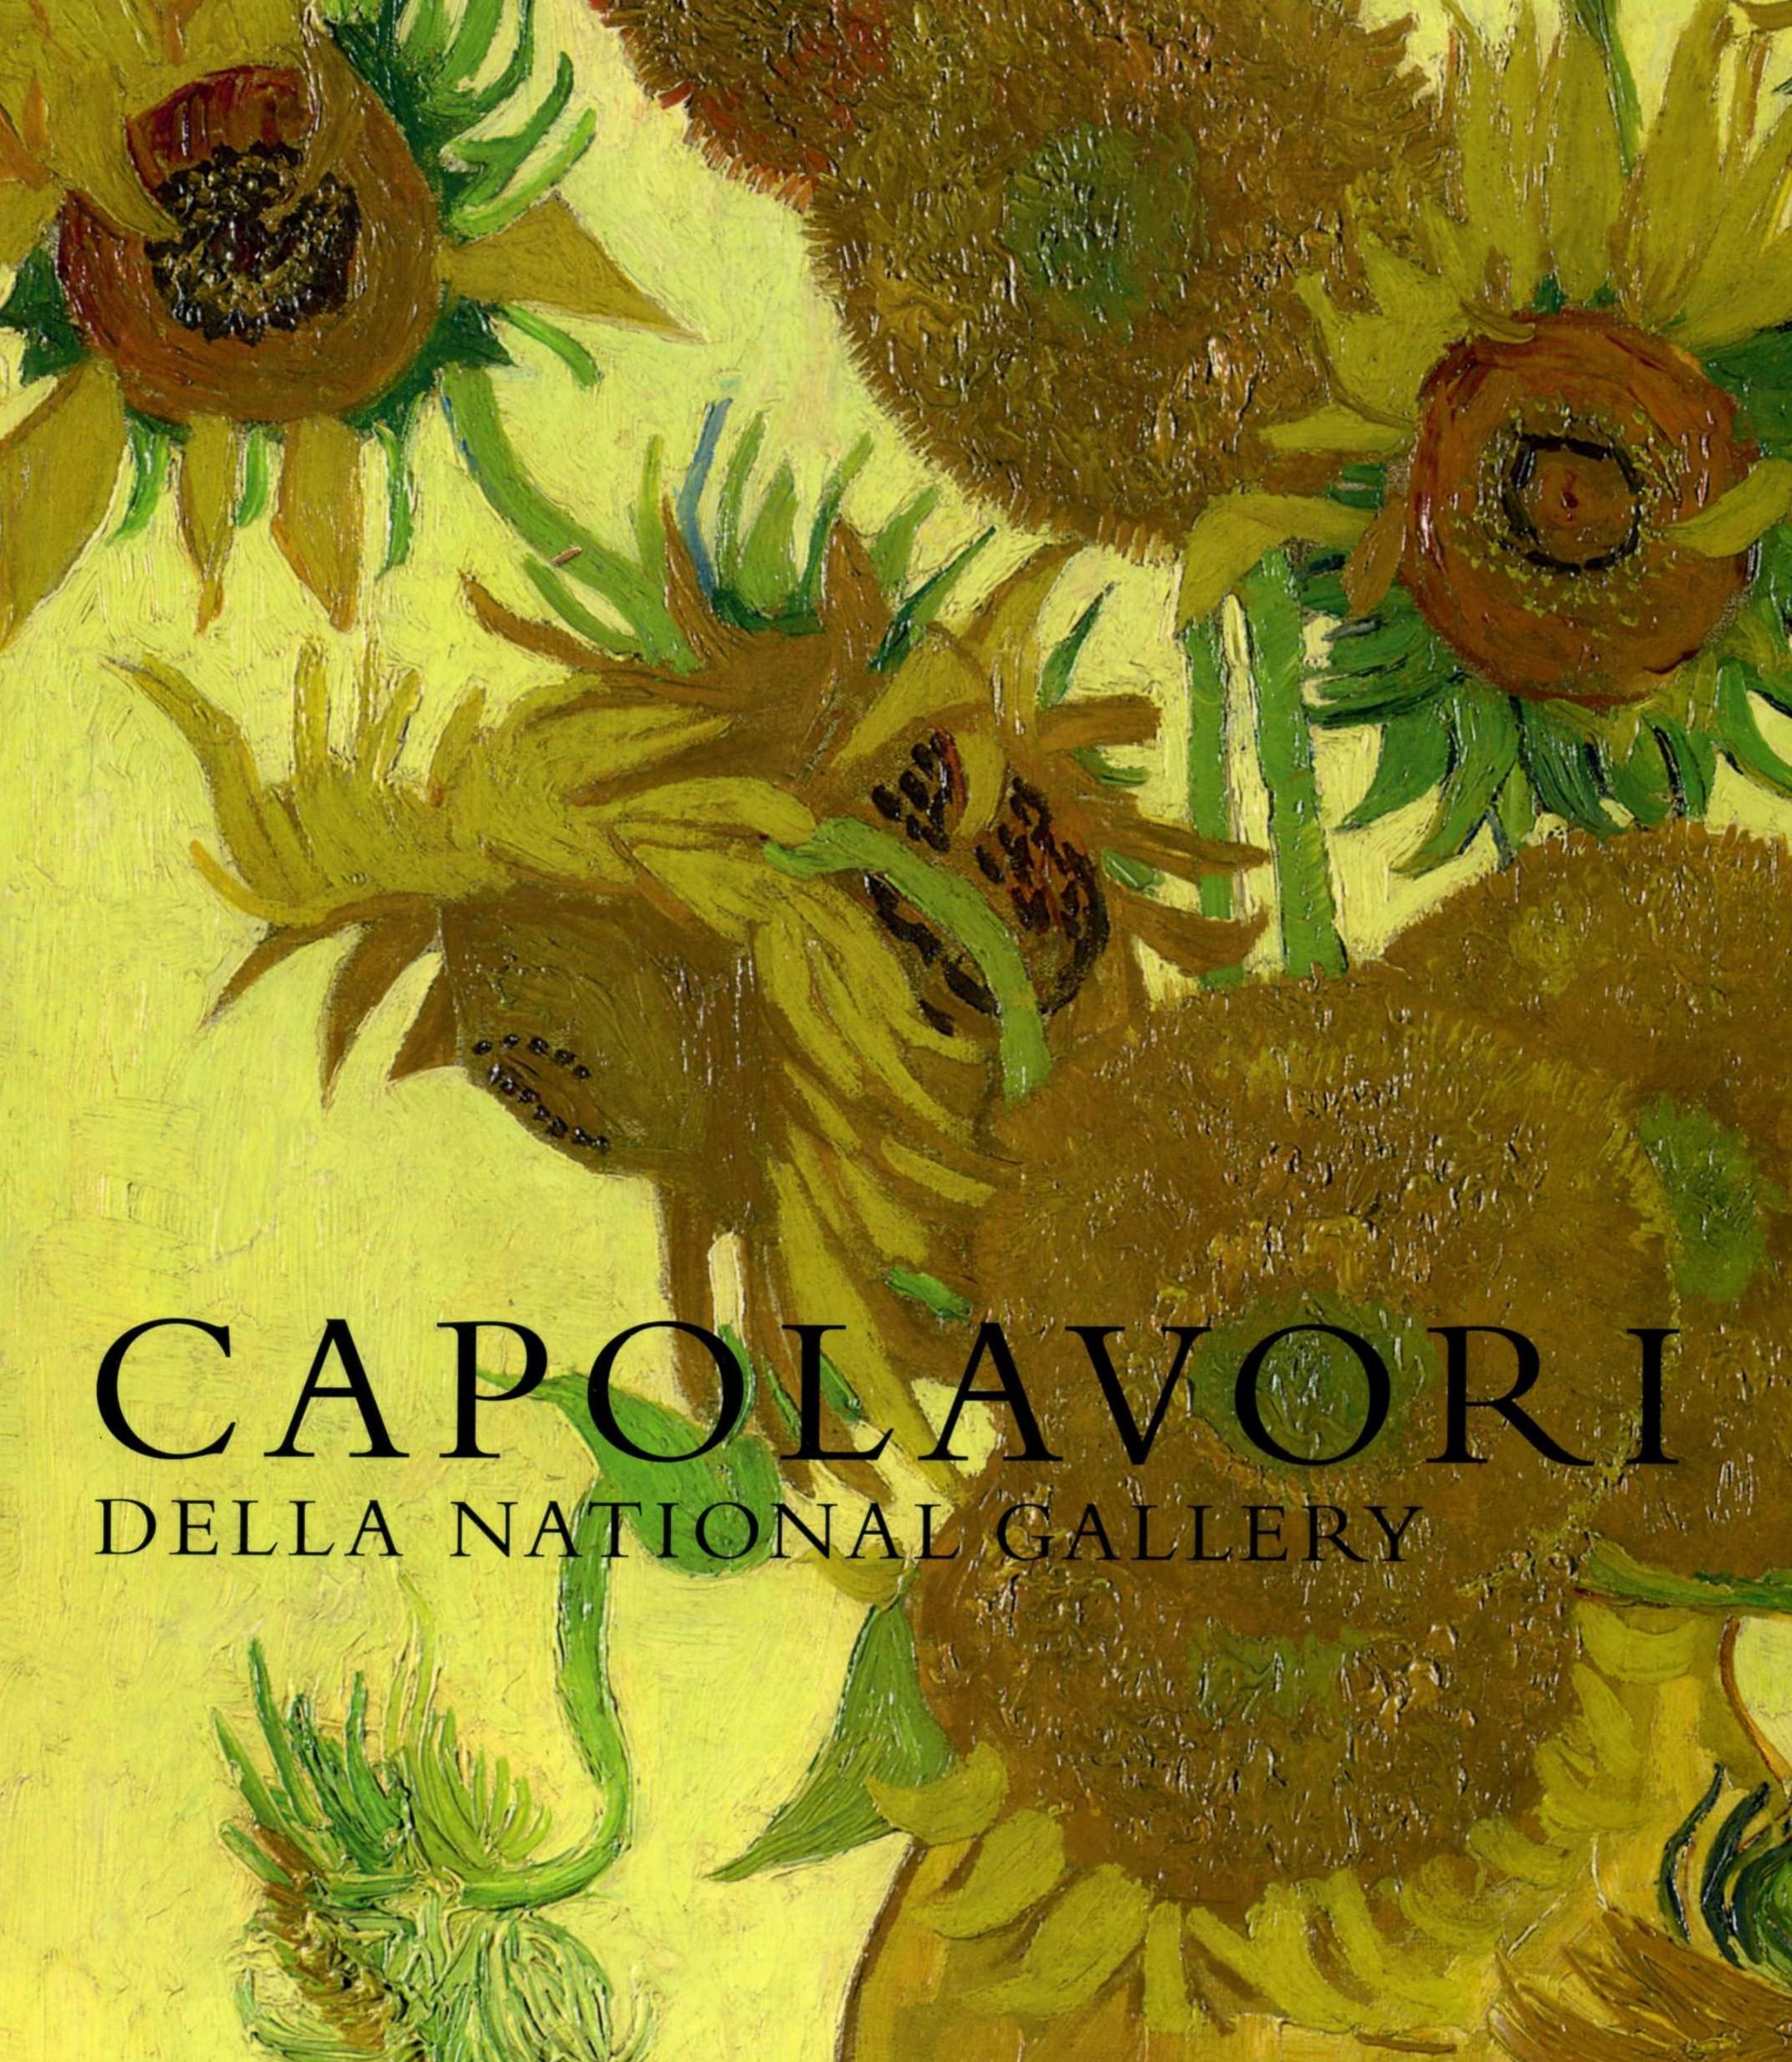 Capolavori della Natonal Gallery